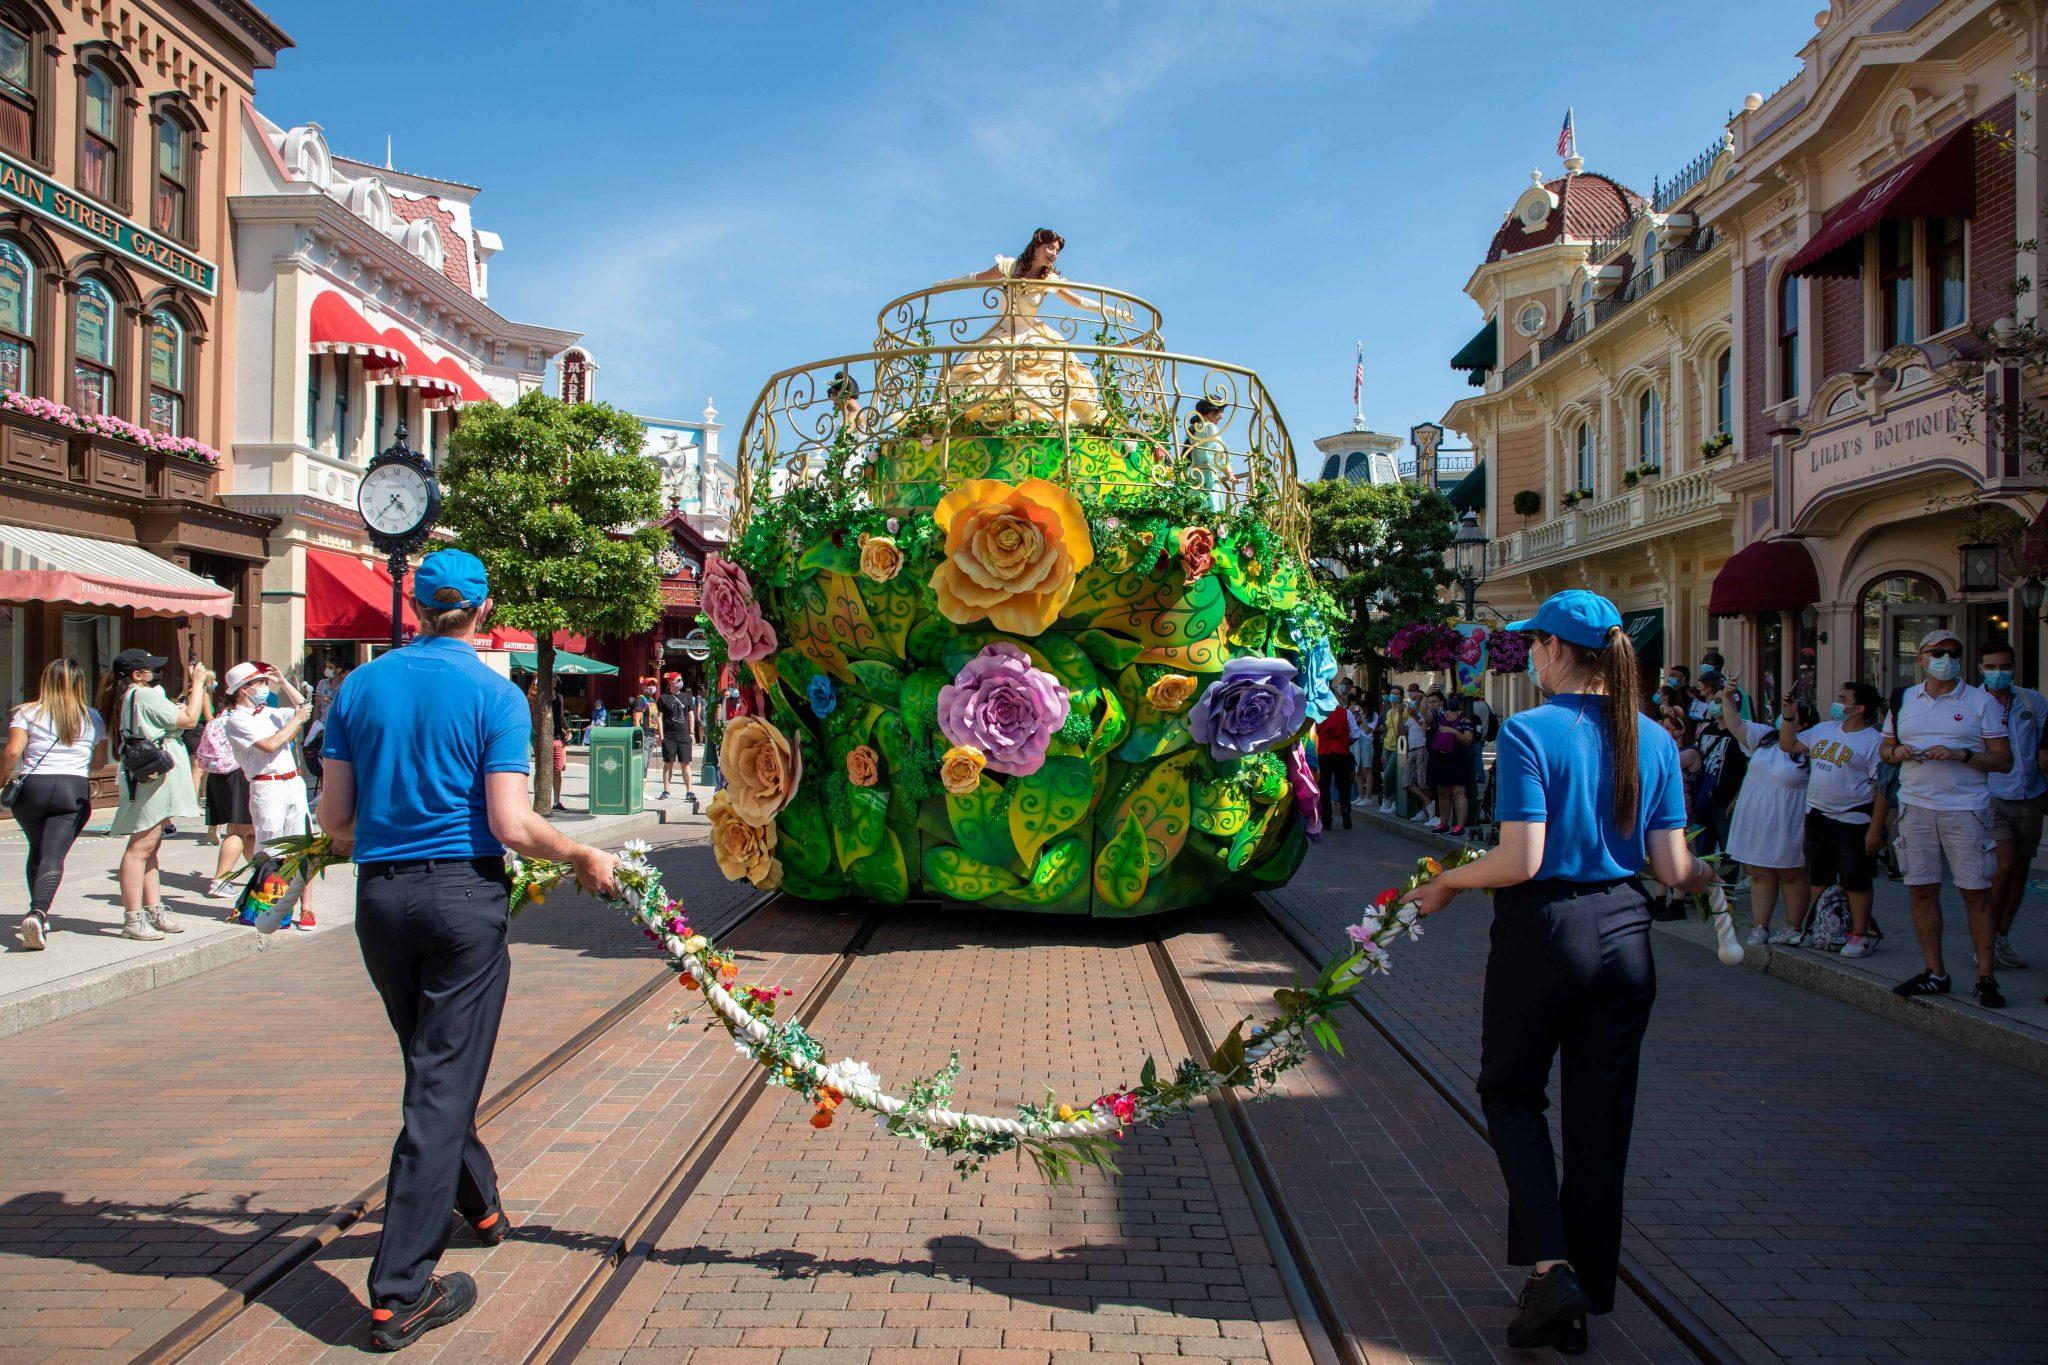 Princess float at Disneyland Paris